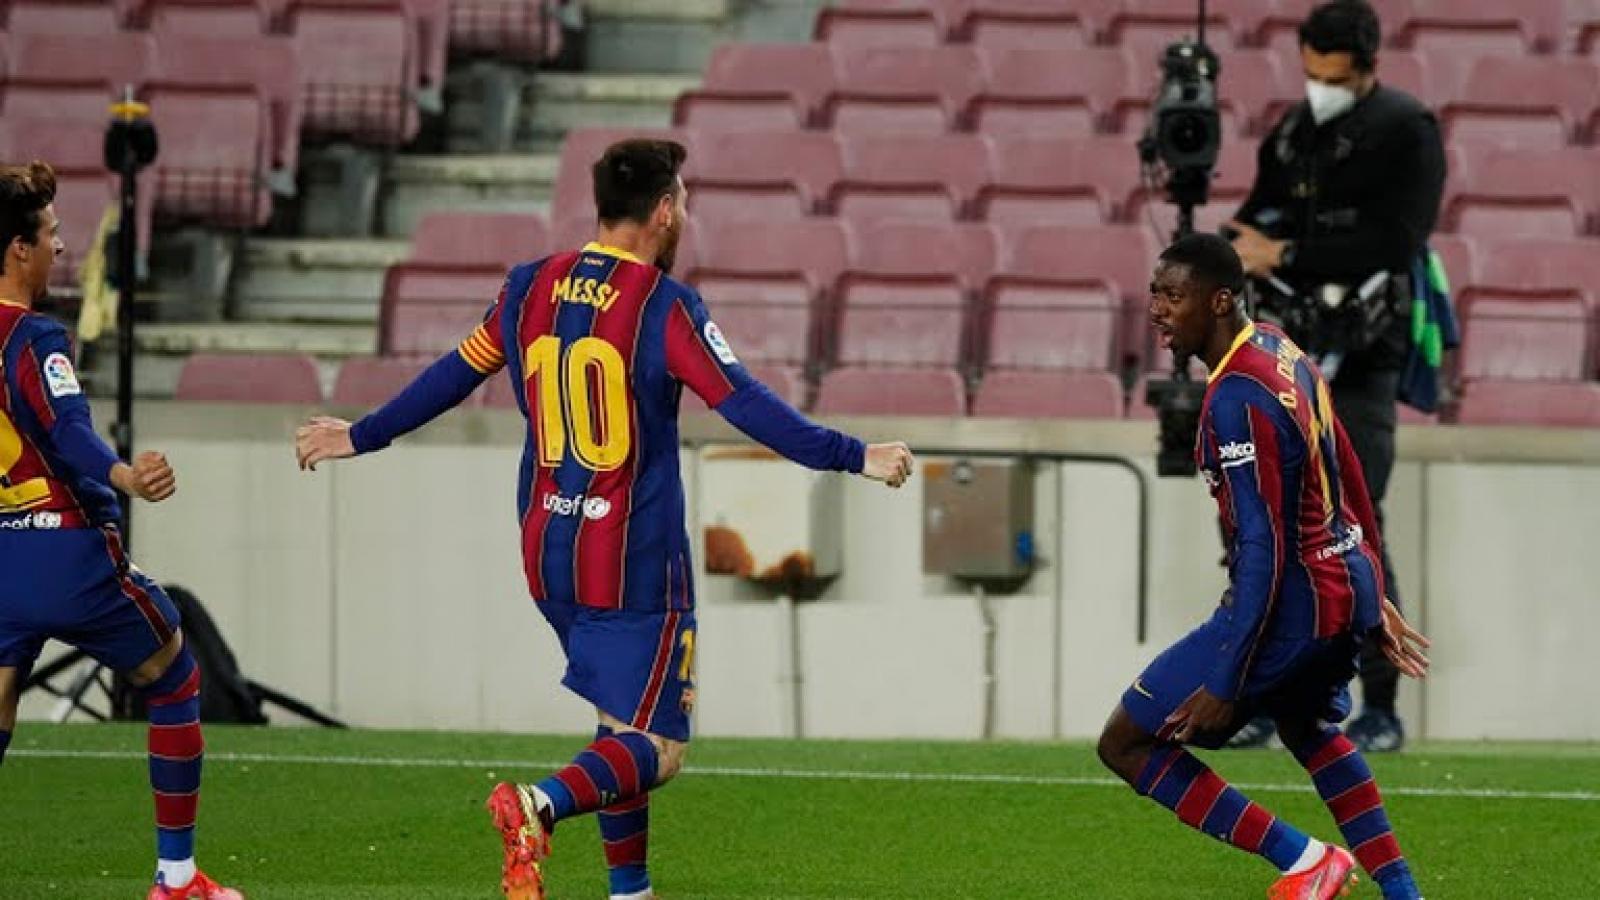 Thắng nhọc Valladolid, Barca chỉ còn kém ngôi đầu La Liga 1 điểm